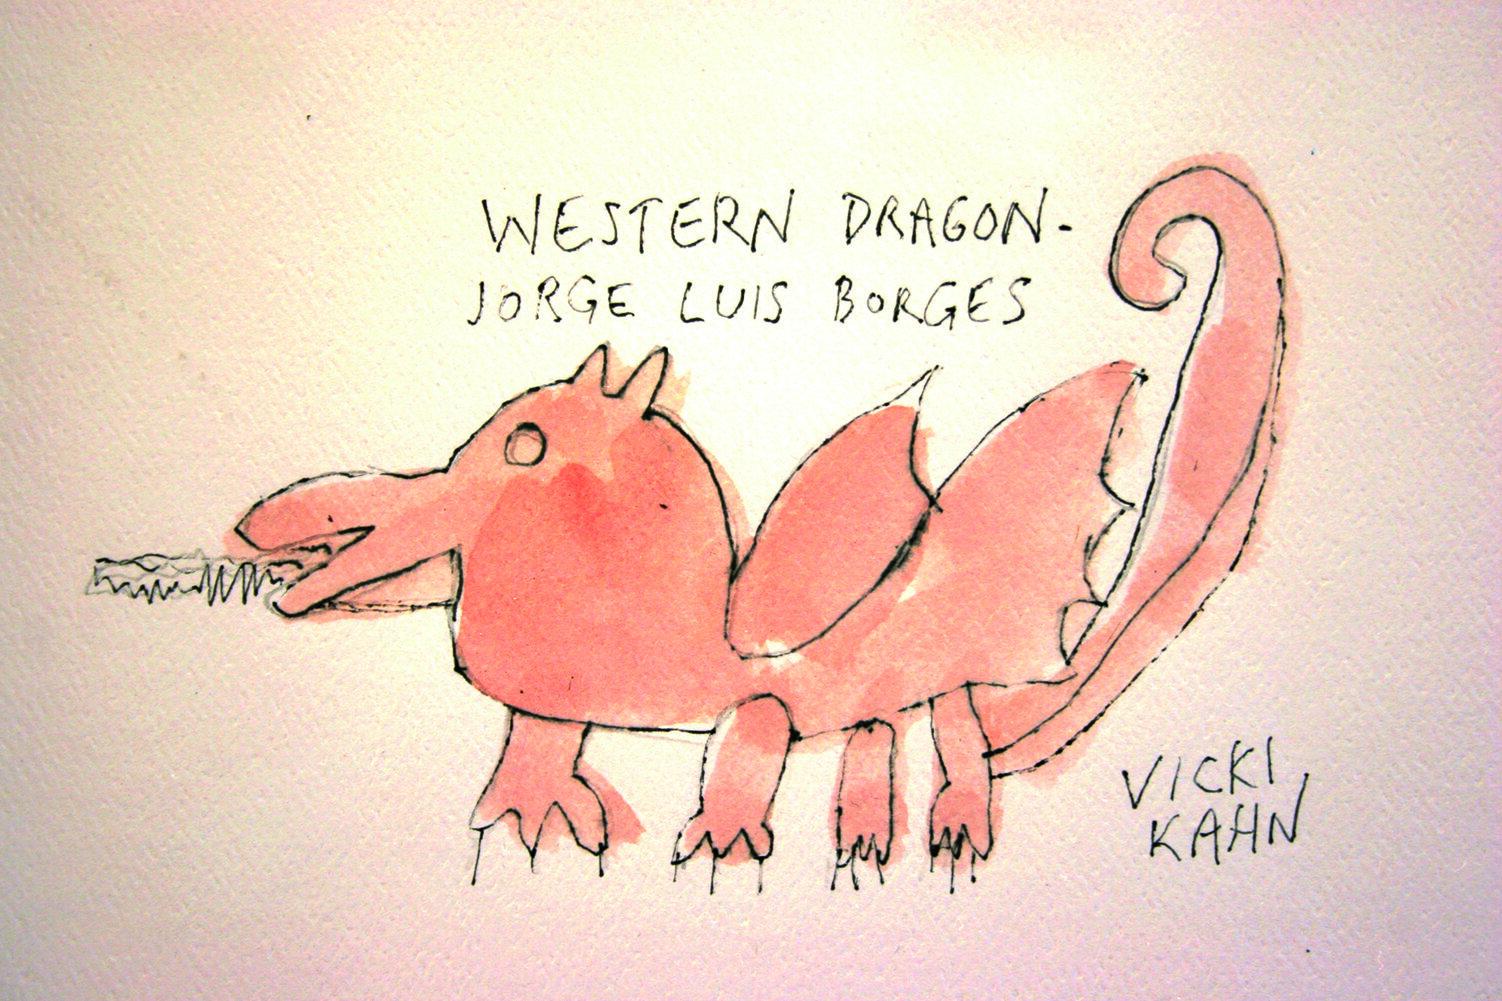 Vicky Kahn Dragon 2009 kopiëren.jpg